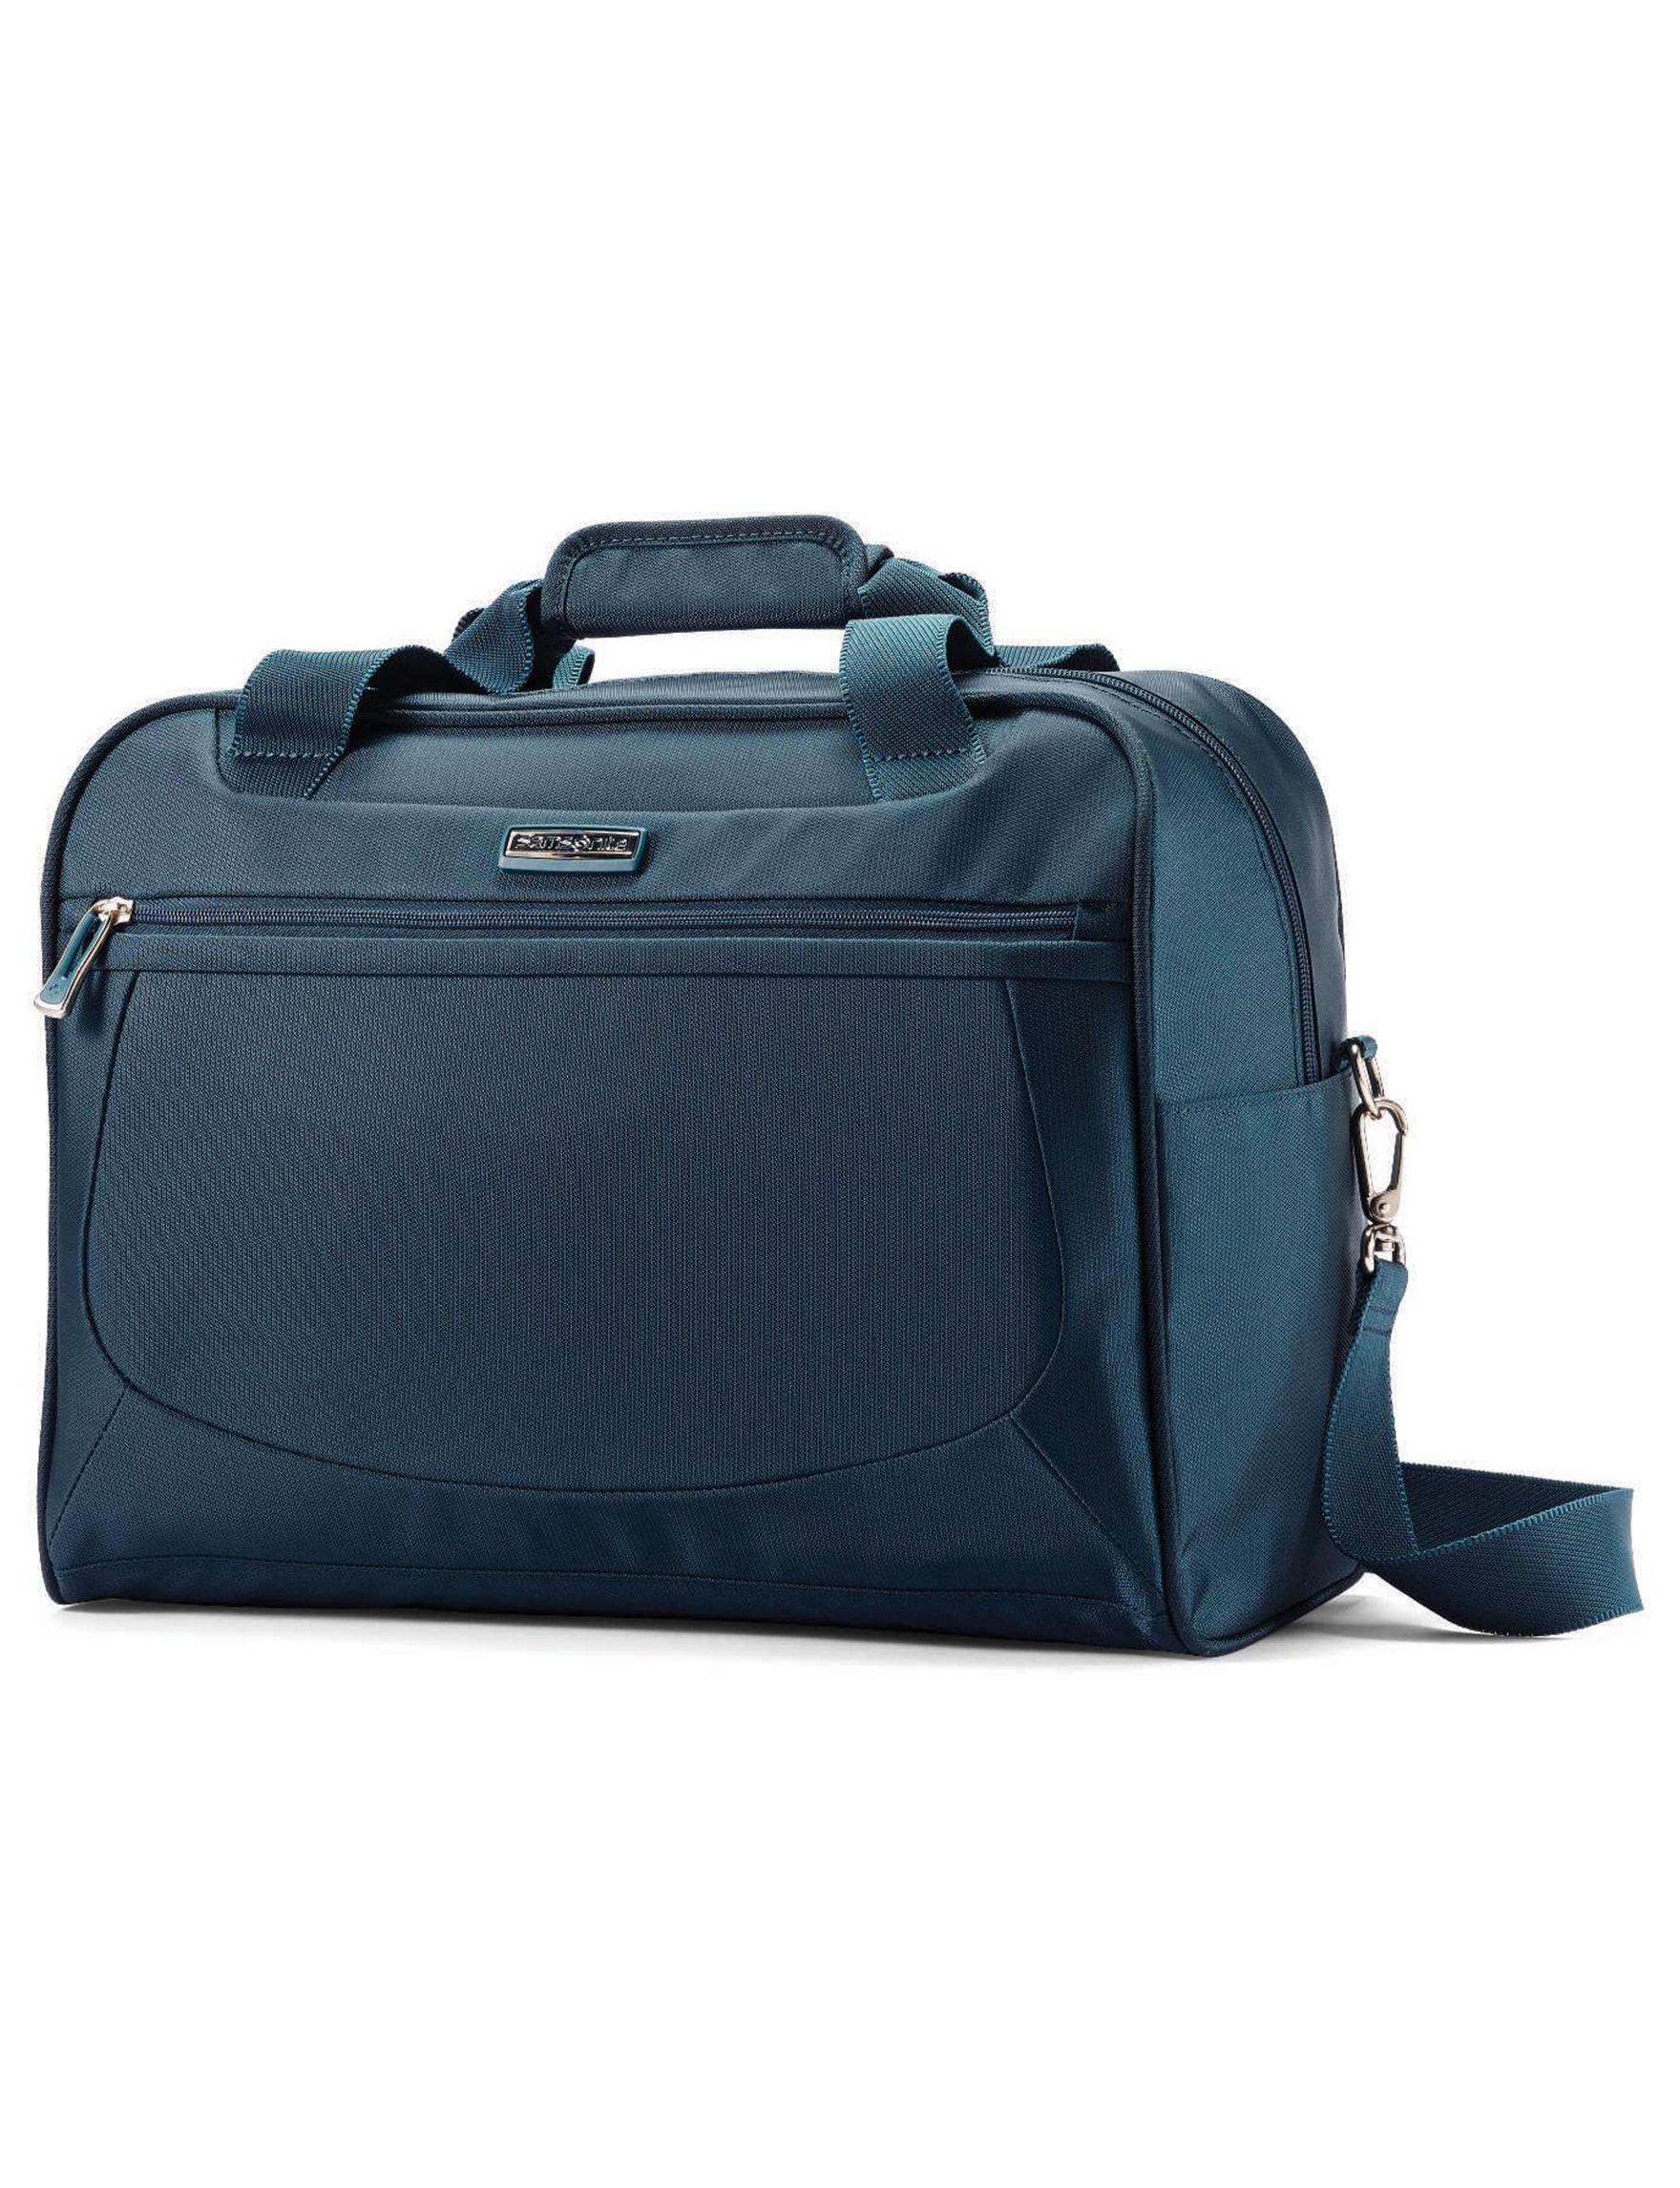 Samsonite Blue Duffle Bags